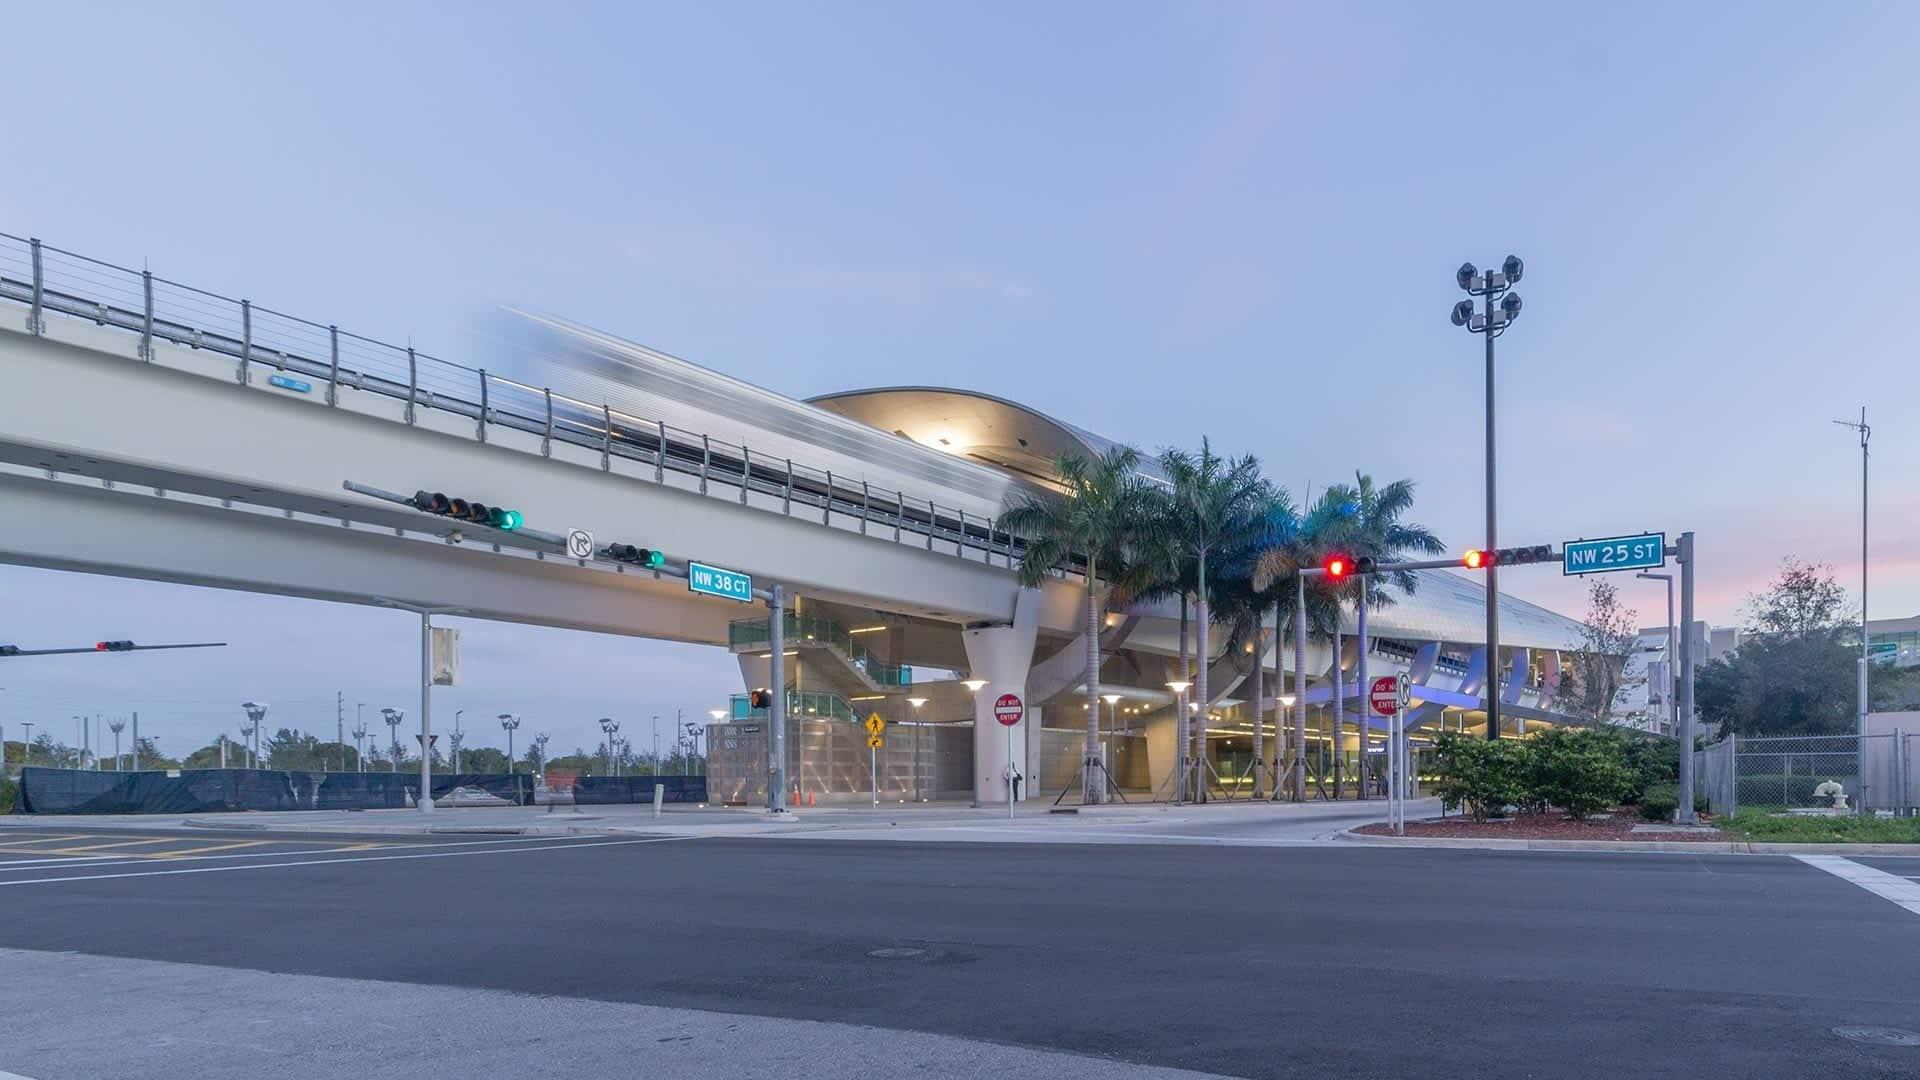 Photograph of a train leaving the Miami Intermodal Center.